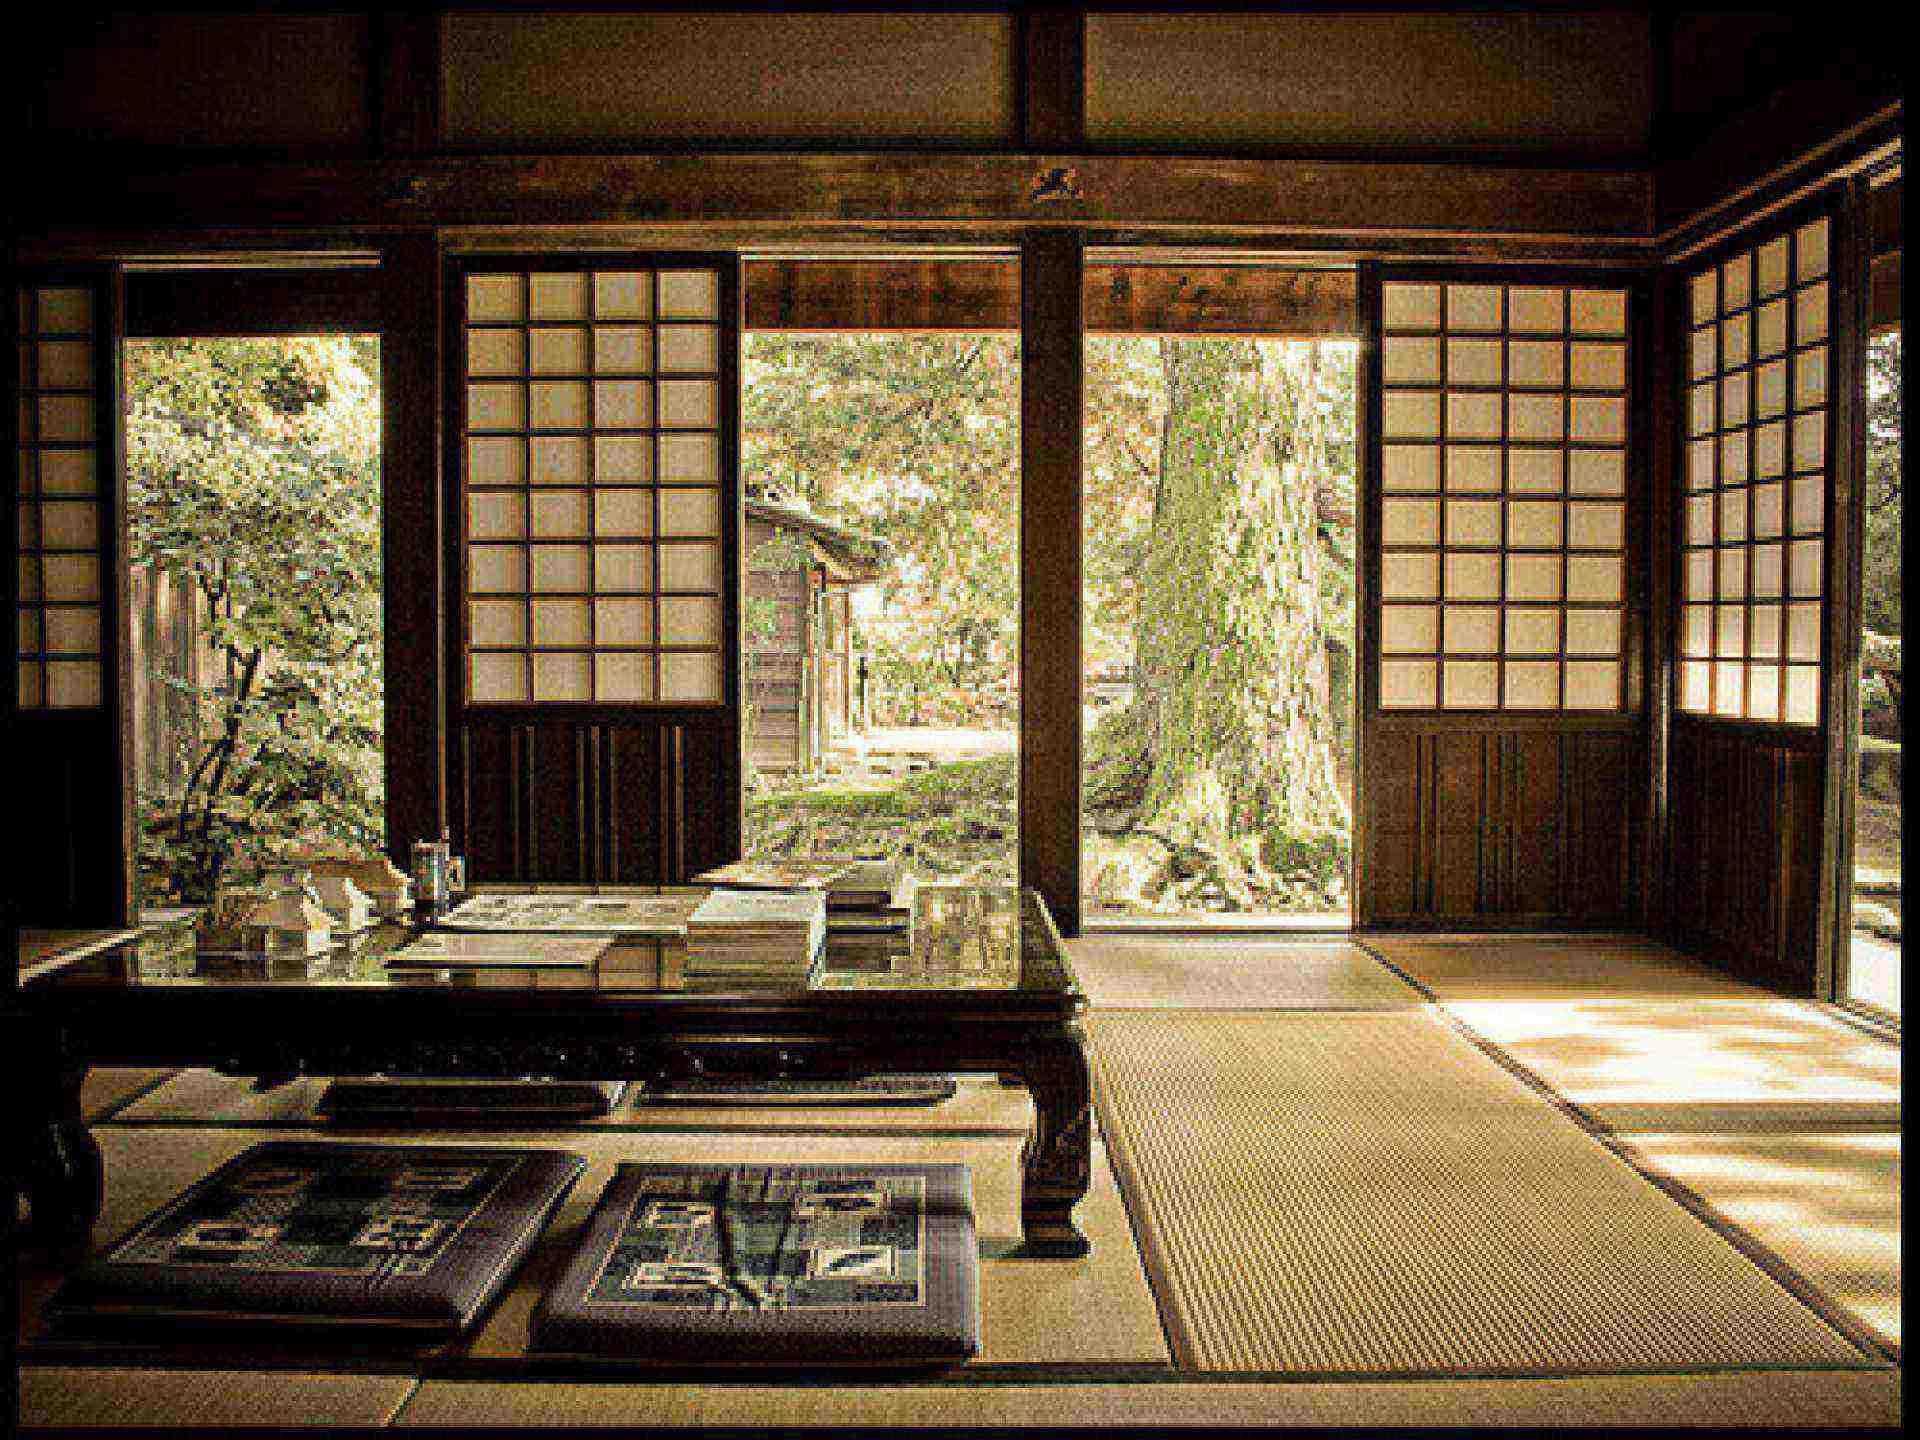 63+ Desain Perumahan Jepang HD